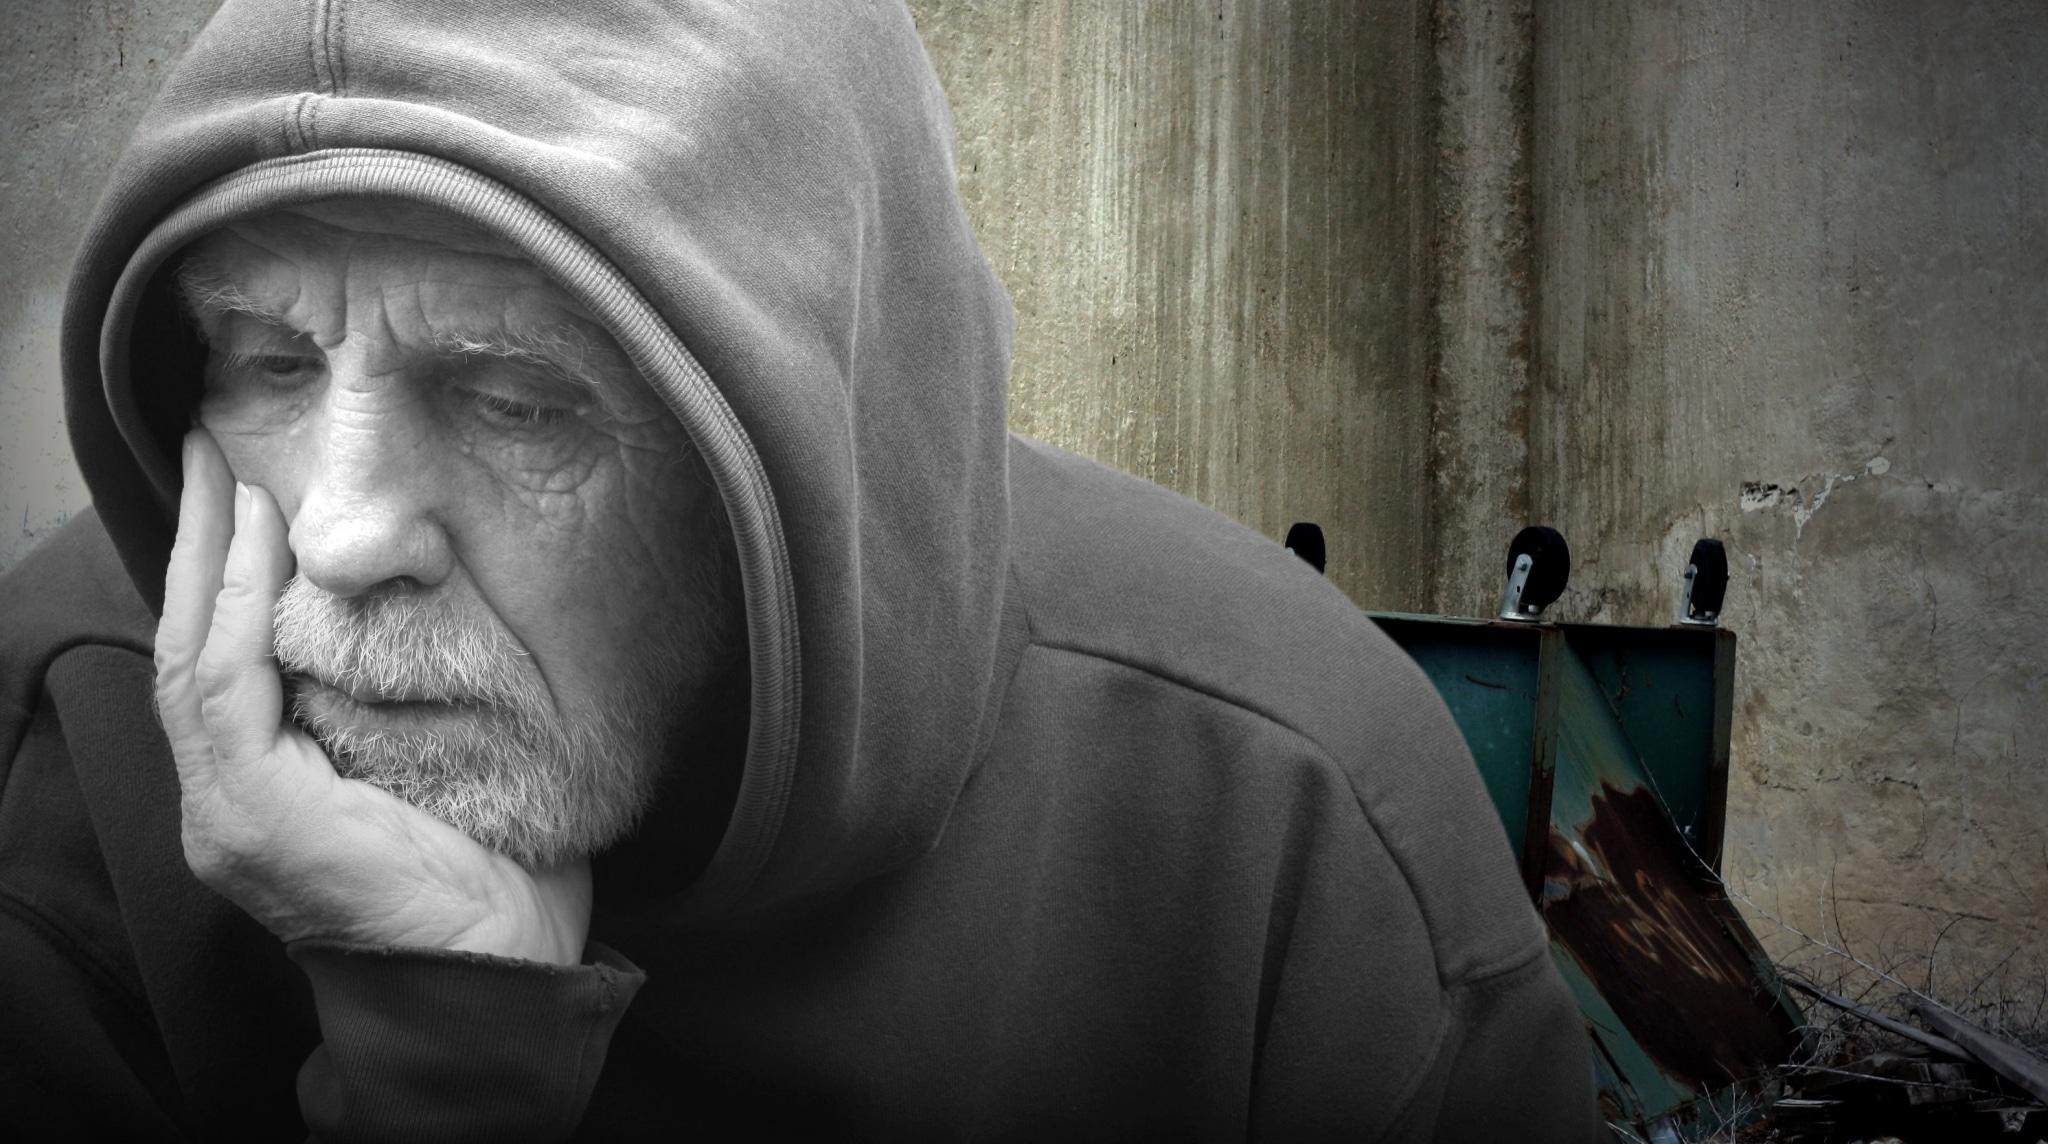 Hajléktalant gázolni nem bűncselekmény?